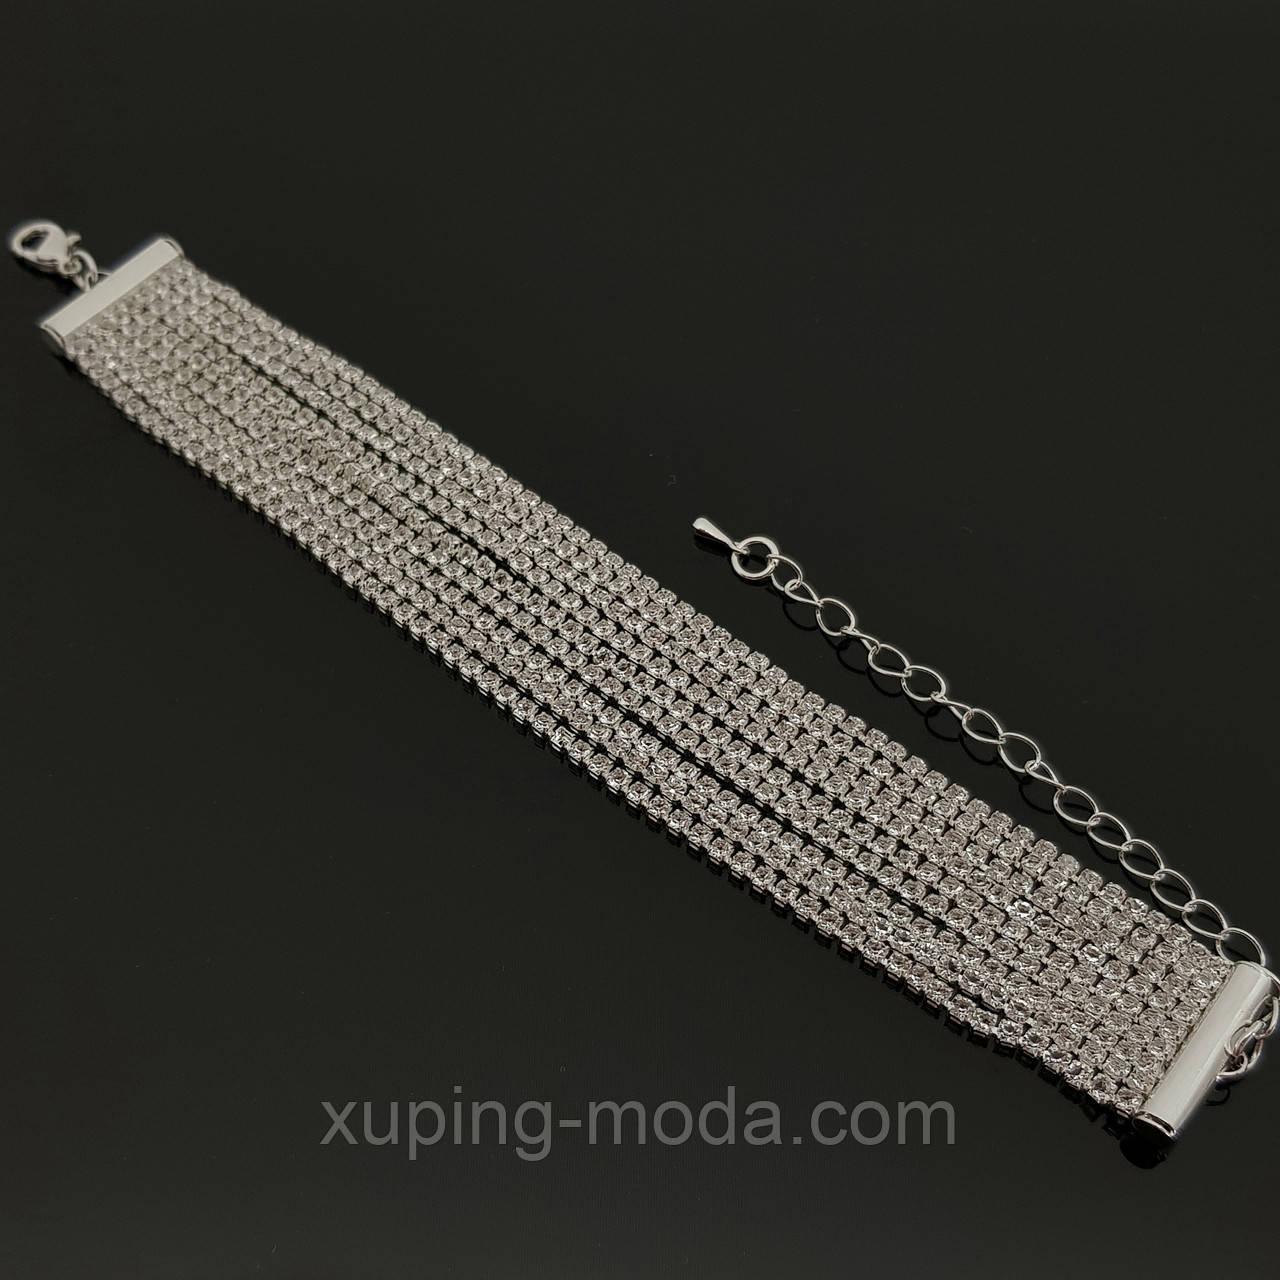 Элитный браслет с камнями, под серебро (9)